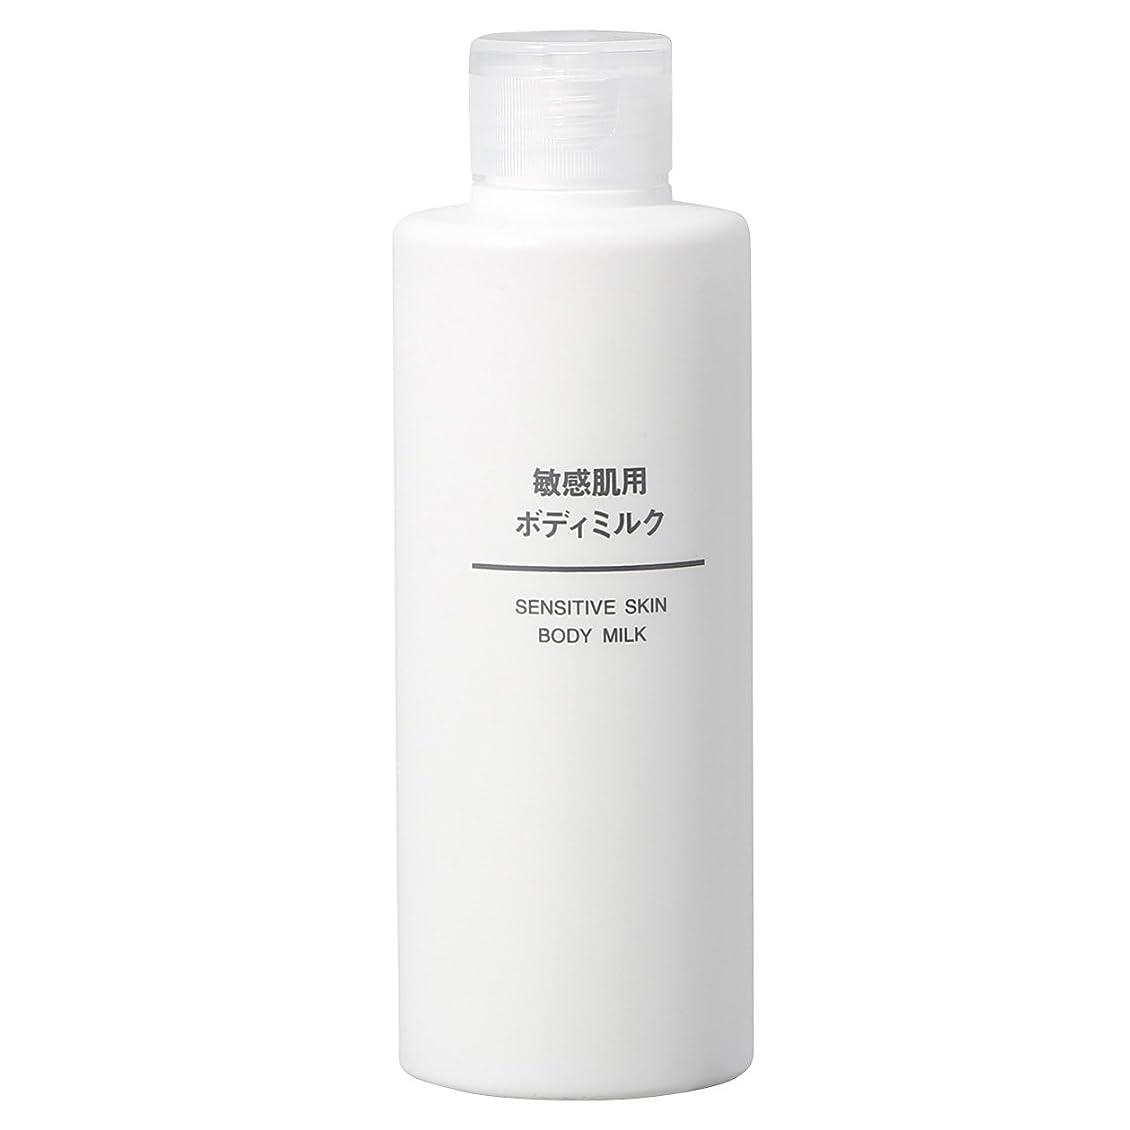 イタリアの当社委任する無印良品 敏感肌用 ボディミルク 200ml 日本製